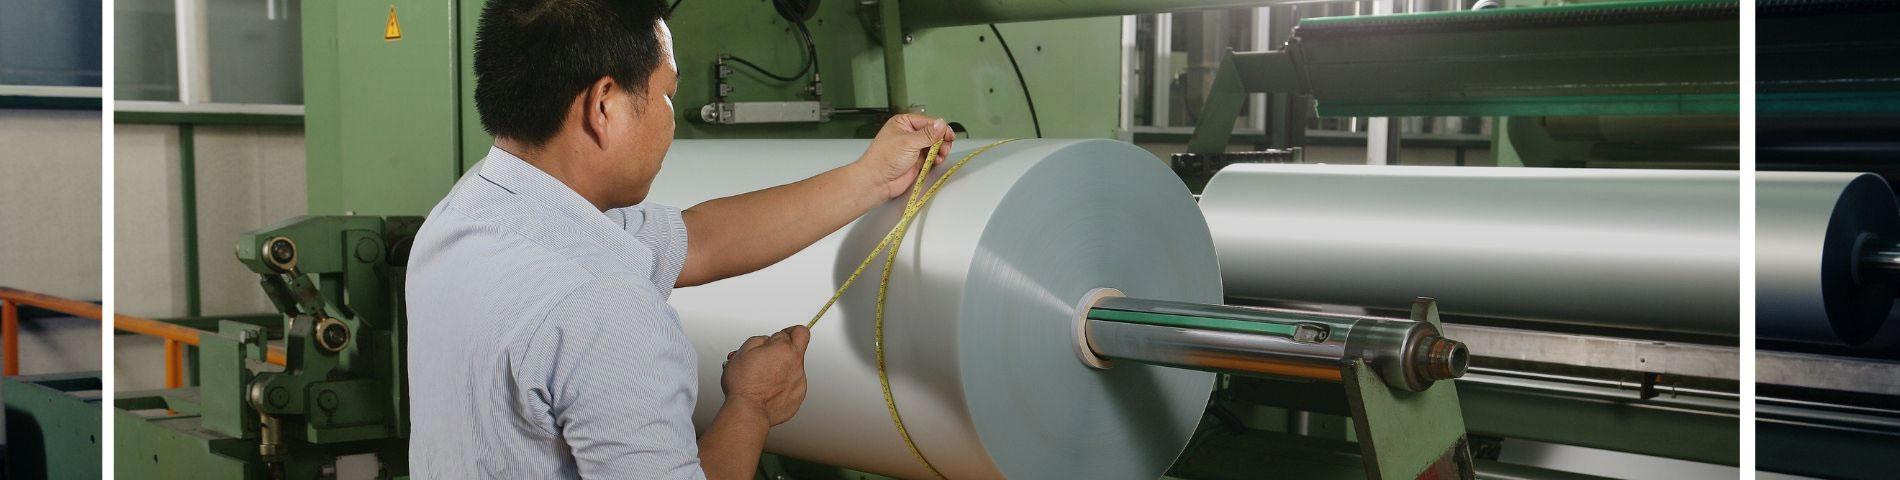 Controle de qualidade na produção